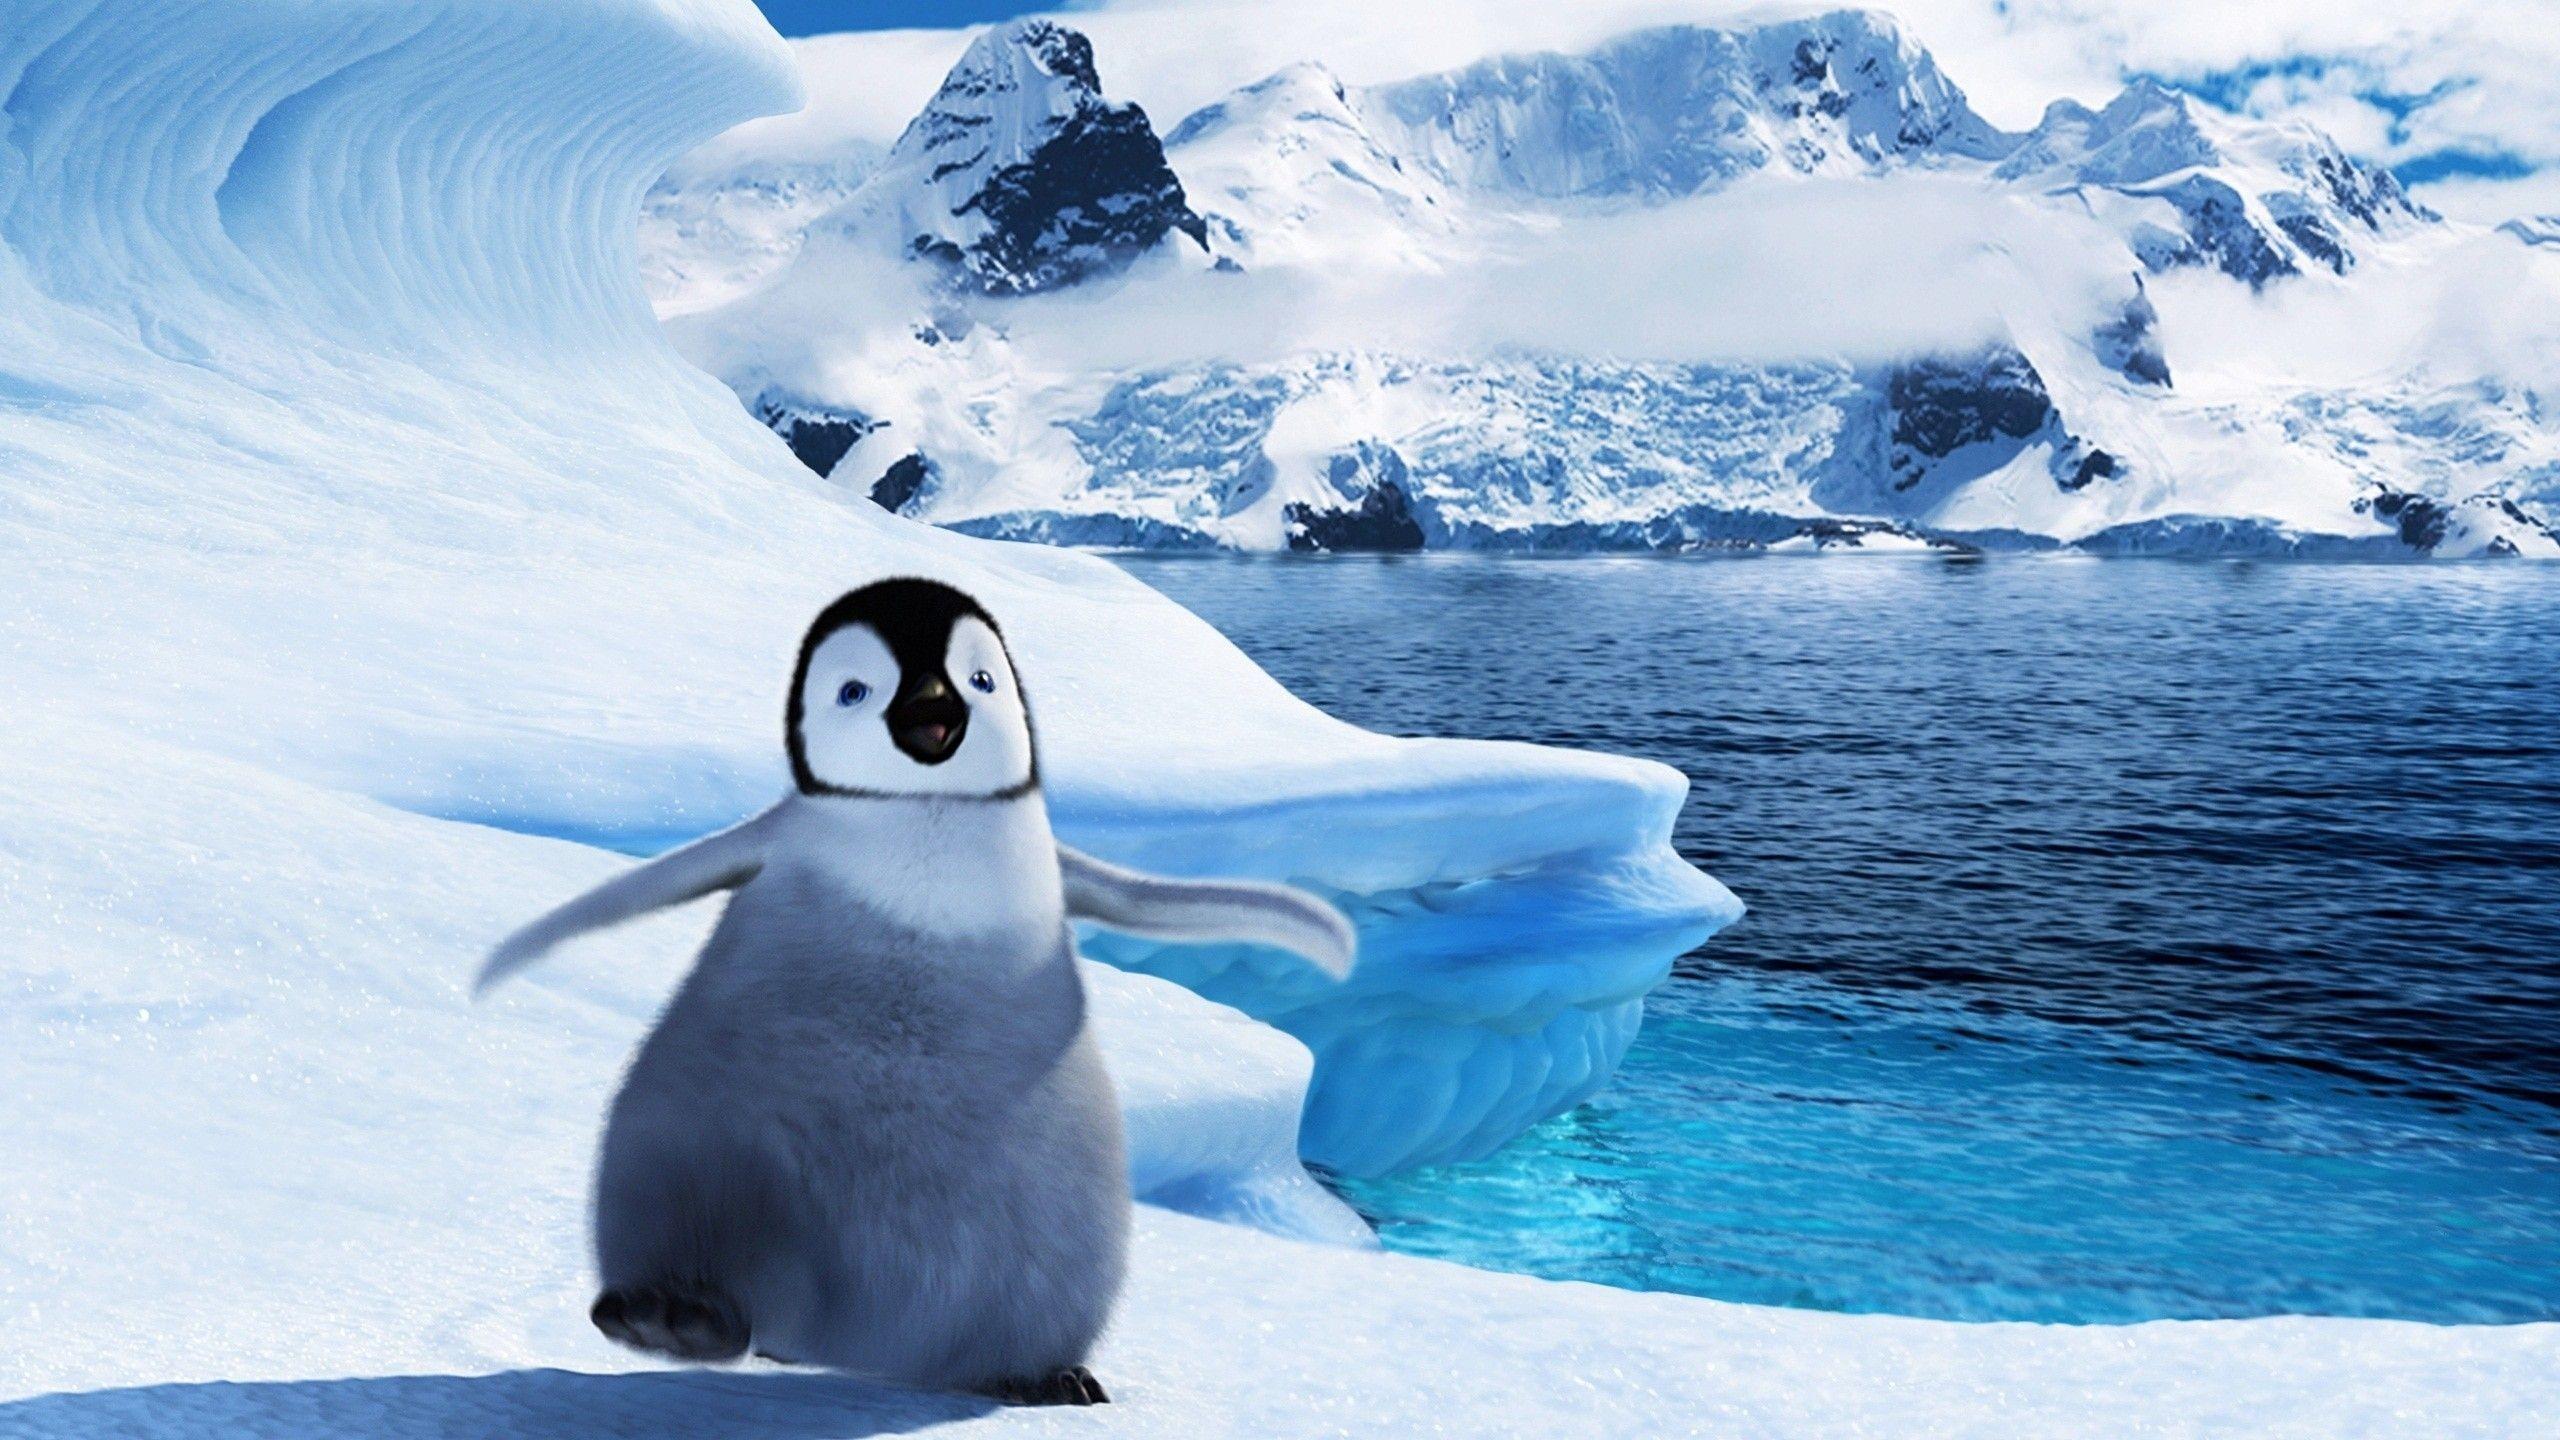 Baby Penguin Wallpaper